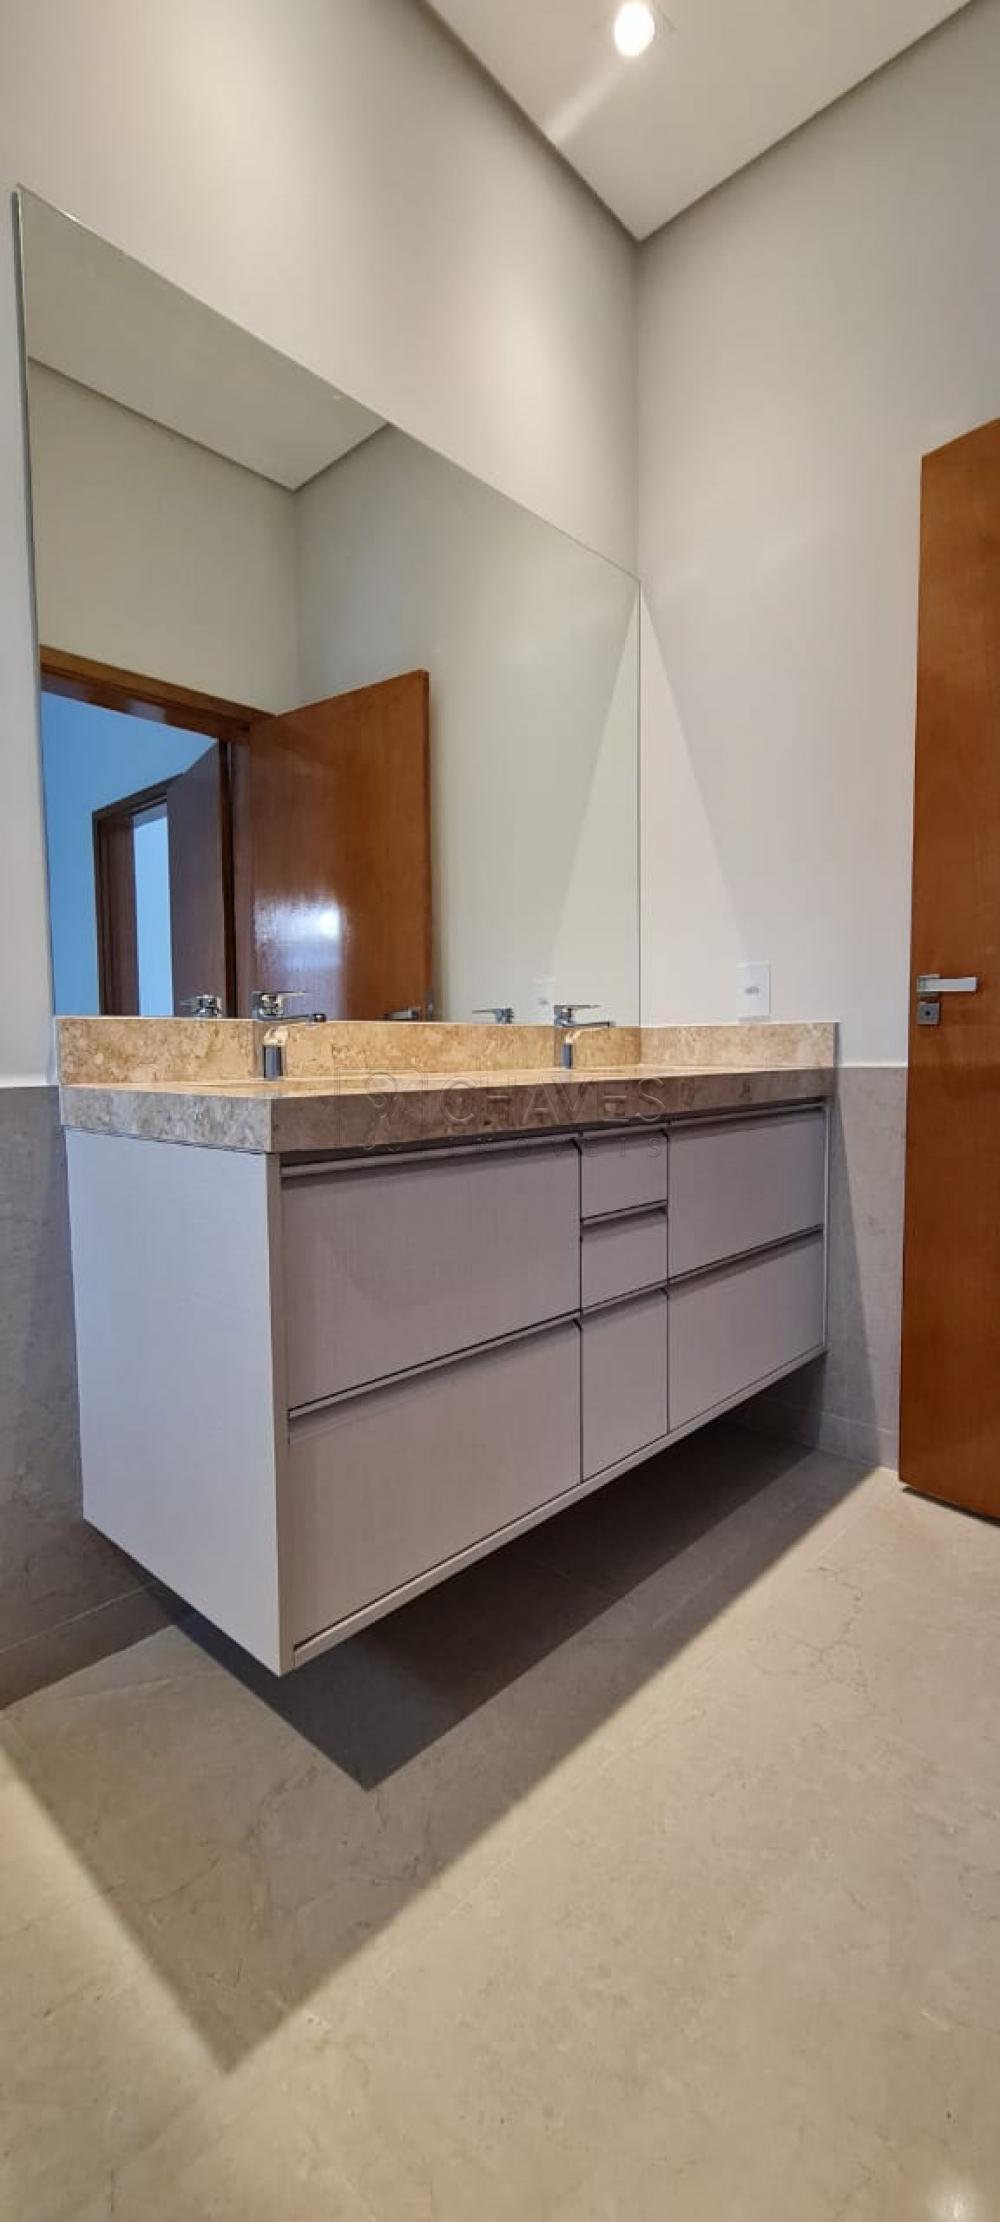 Comprar Casa / Condomínio em Ribeirão Preto apenas R$ 1.050.000,00 - Foto 25